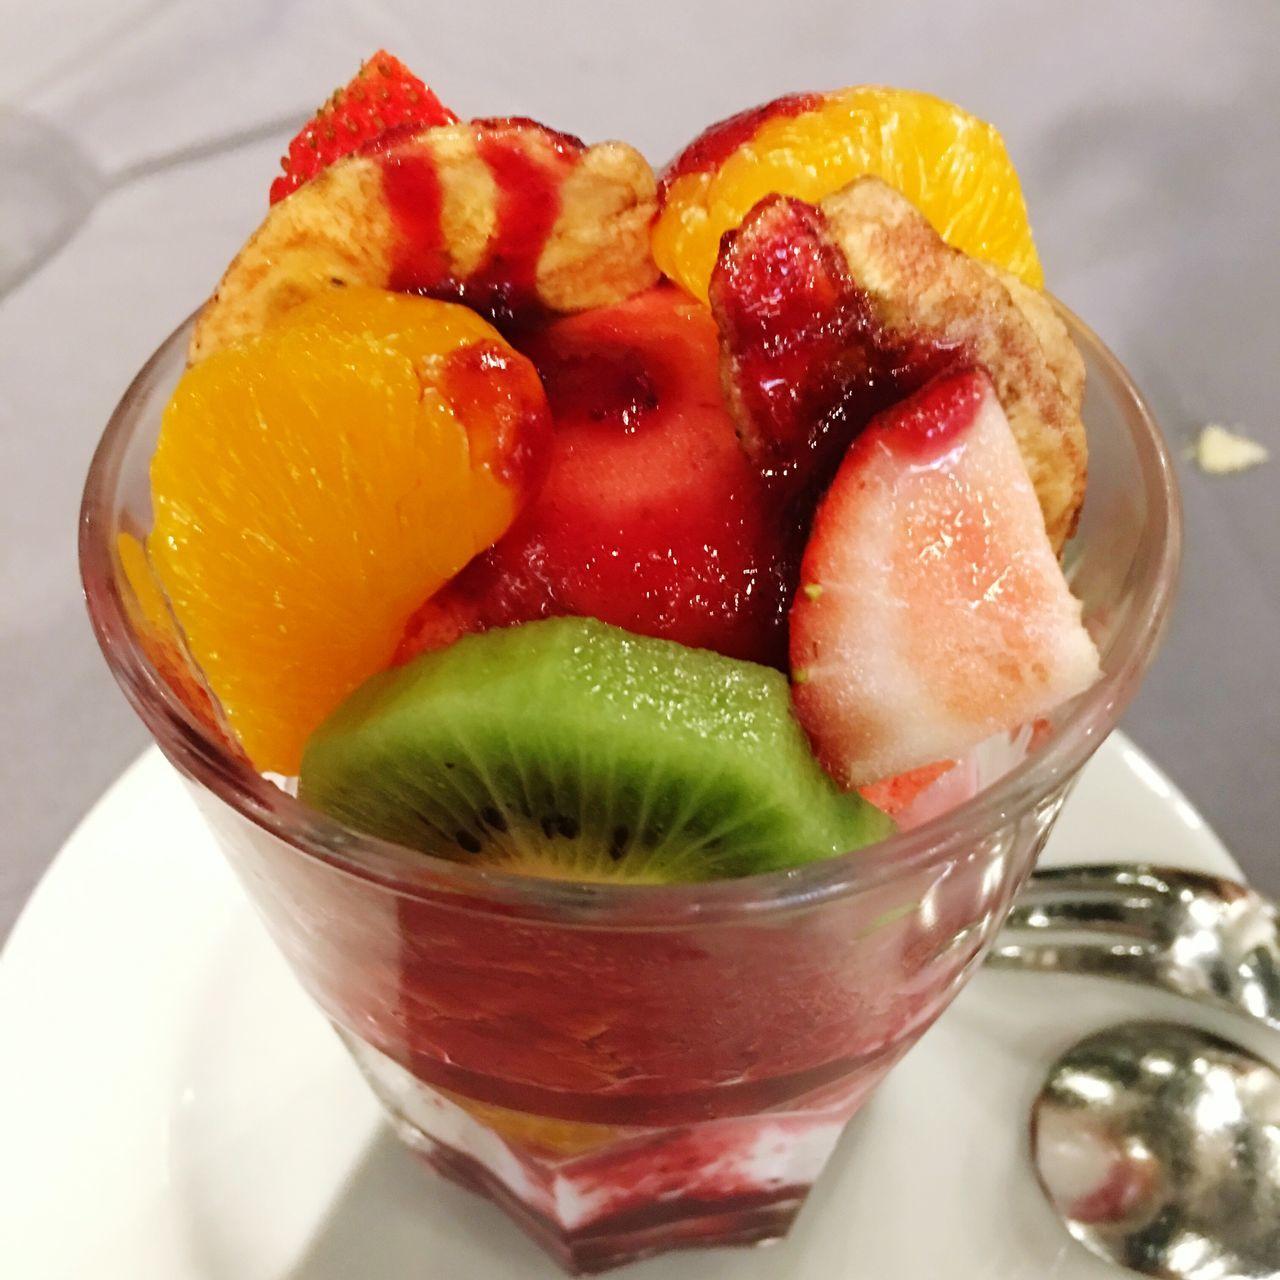 Dessert Dessert Porn Dessertphotography Dessertlover Desserts Galore Frozen Fruits